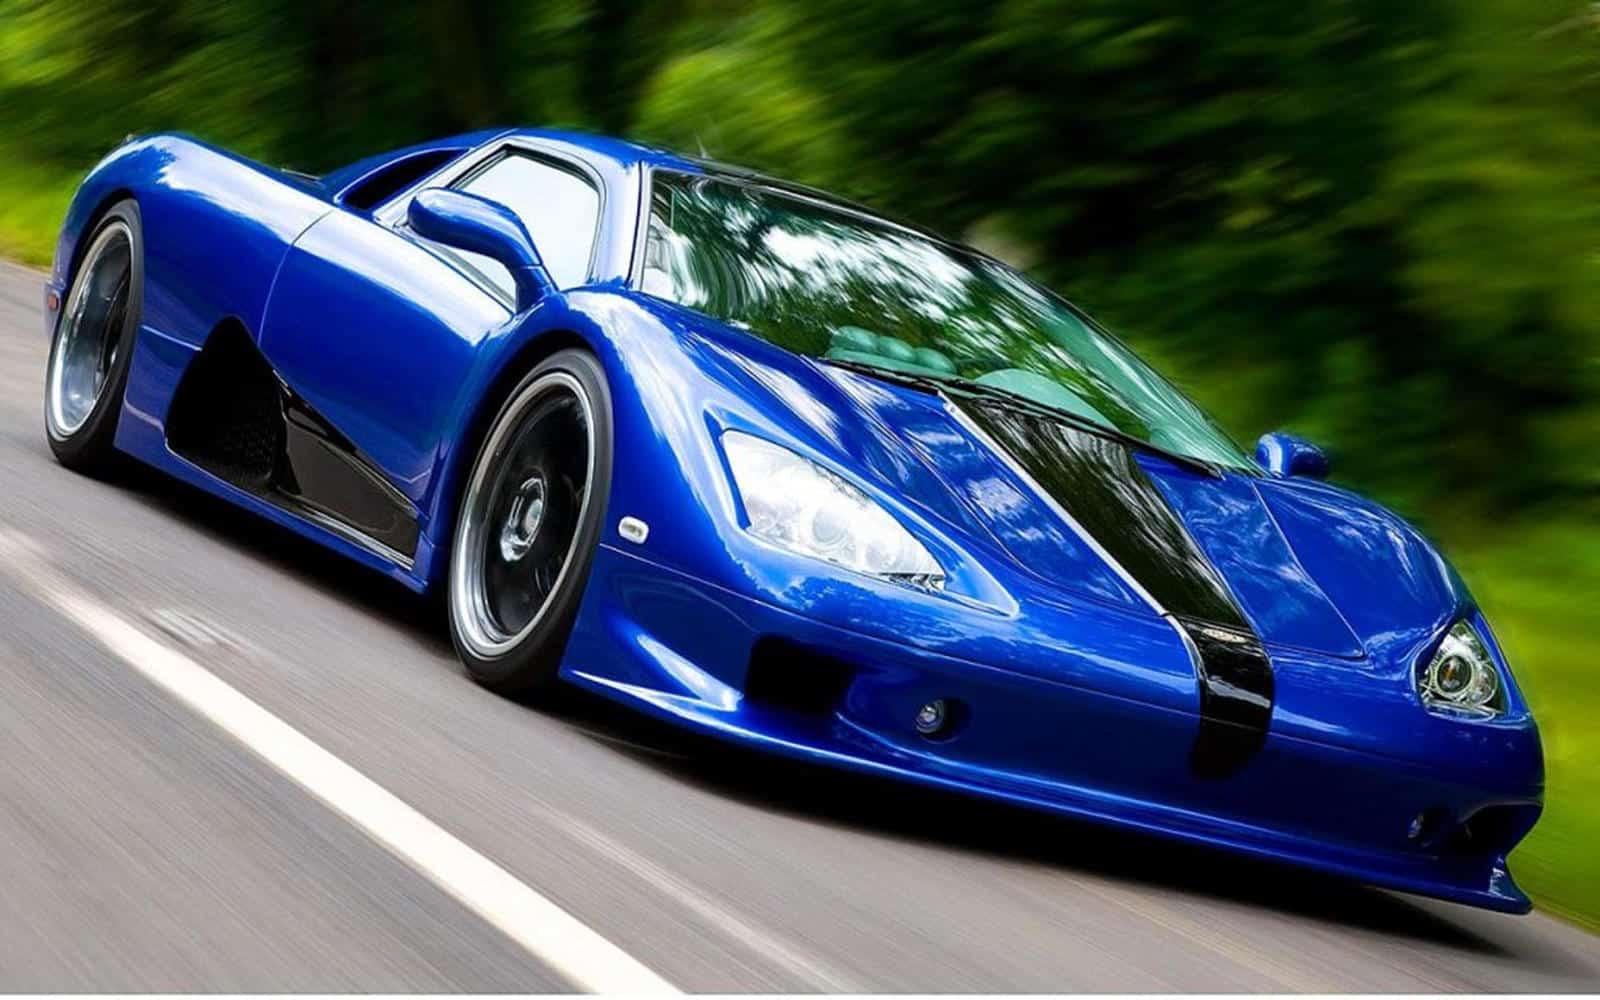 Carro mais rápido do mundo - Saiba quem é ele e os que ficam atrás